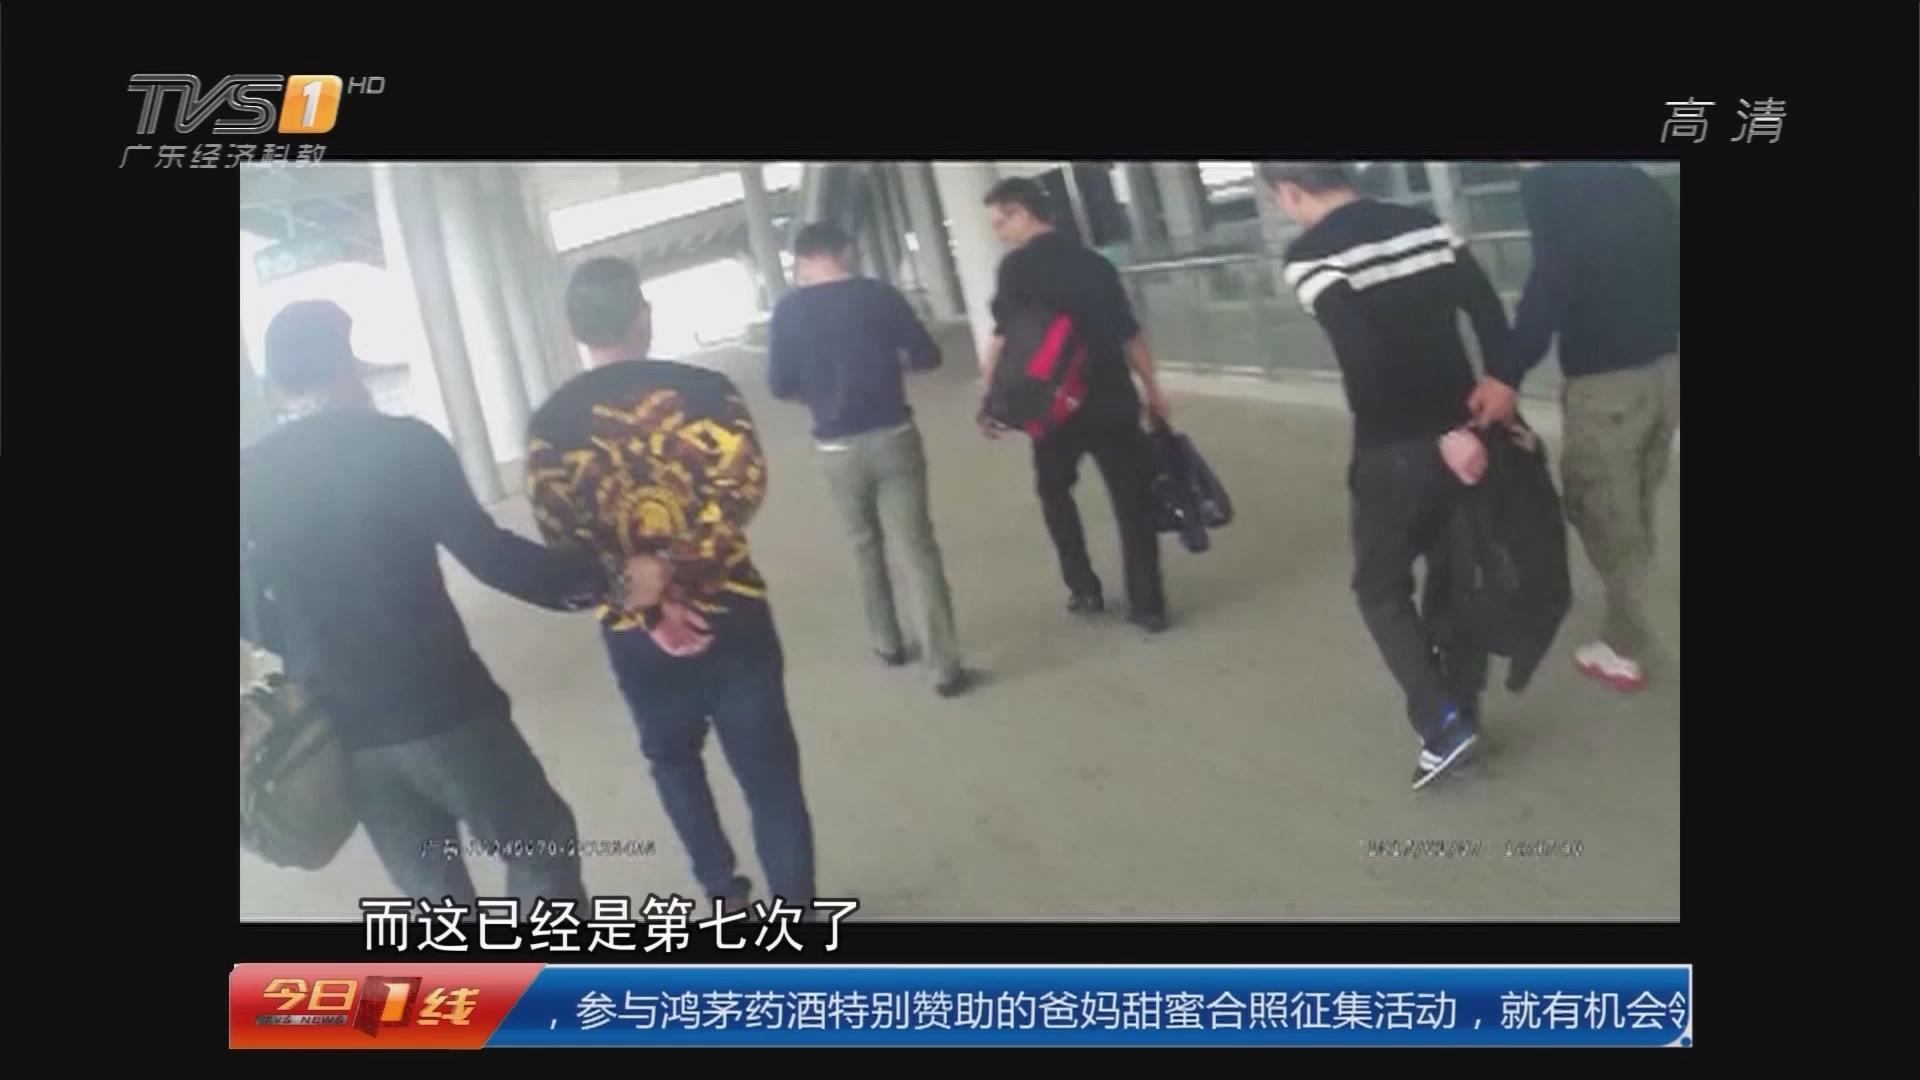 惠州:乘警乔装旅客擒惯偷